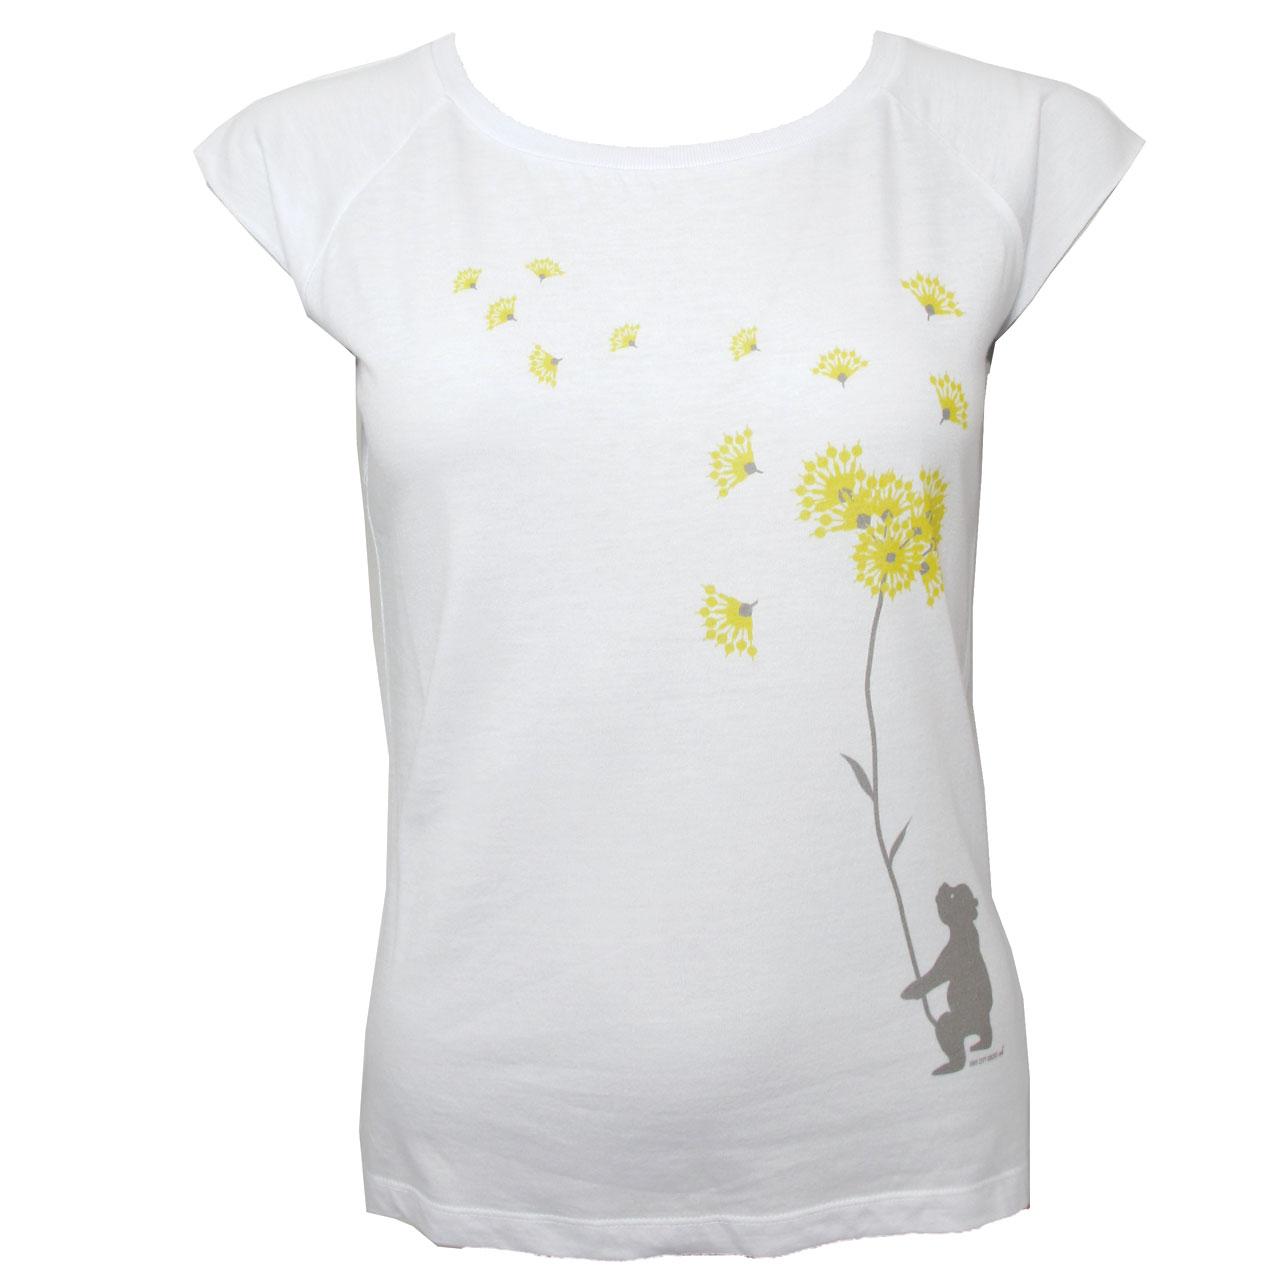 Berlin Design T-Shirt Bär Pusteblume weiß